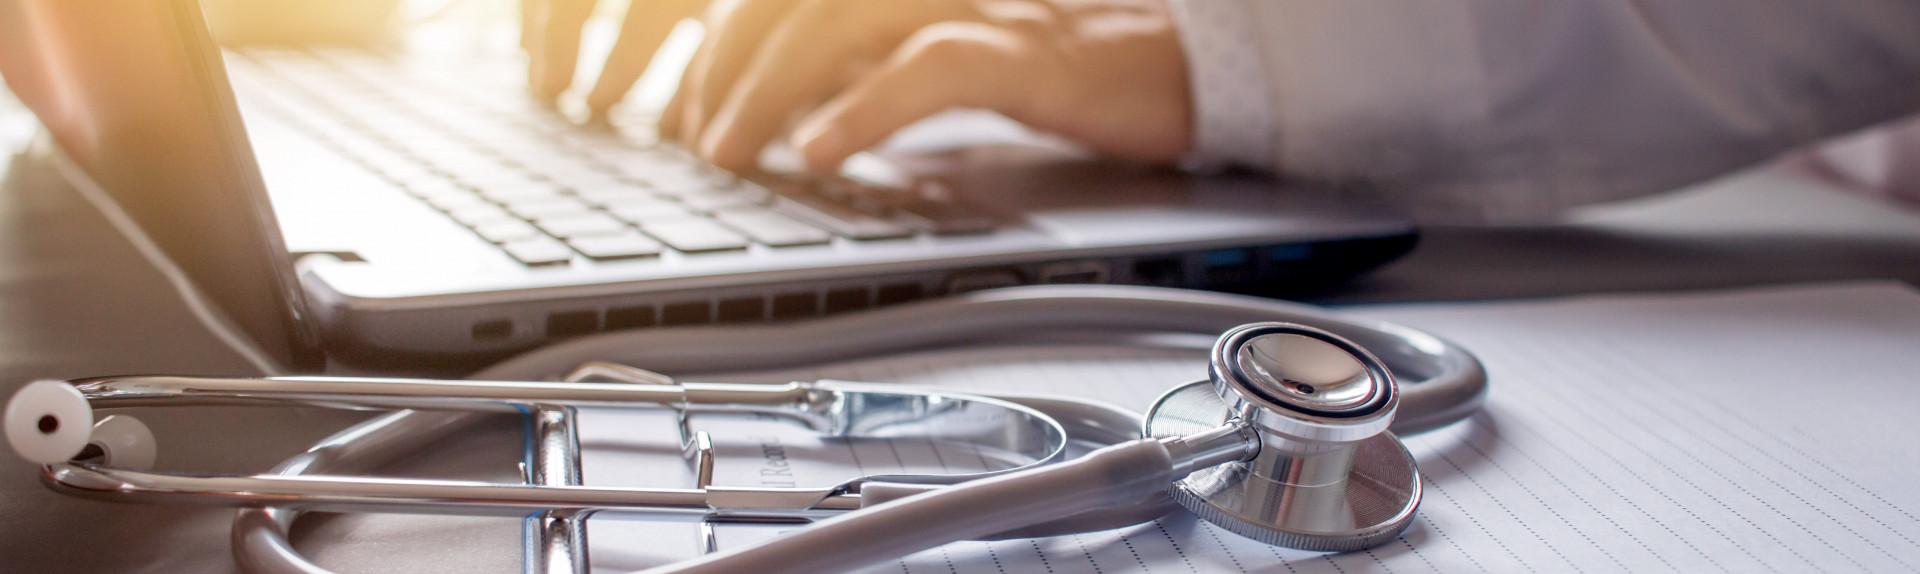 Krankenhaus-, Pflege- und Ärztefortbildung